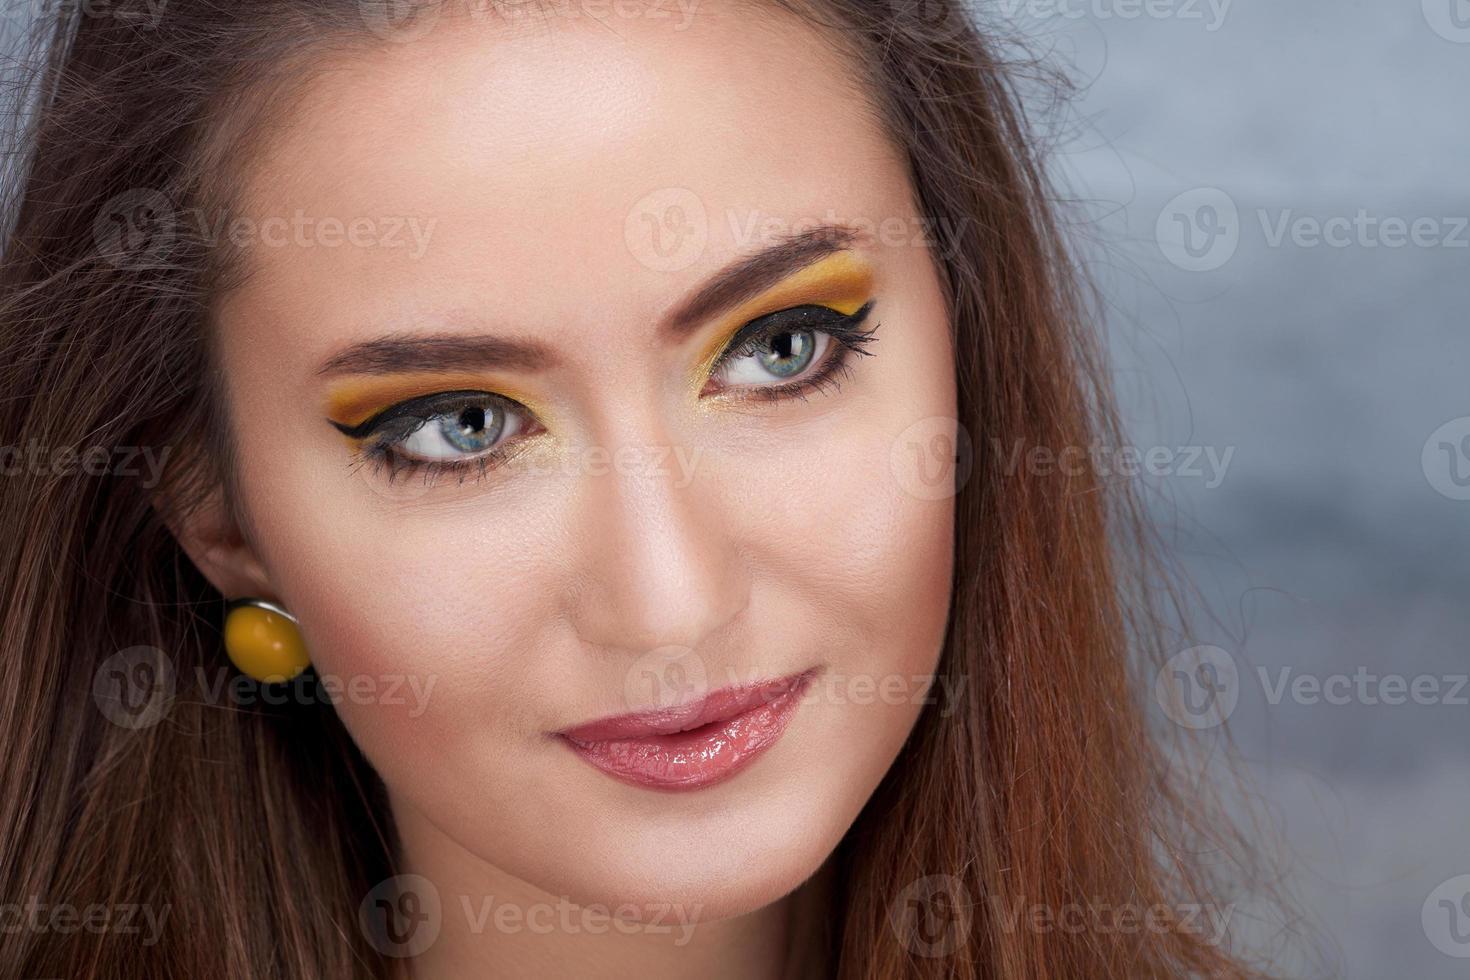 mode porträtt av vacker ung kvinna foto